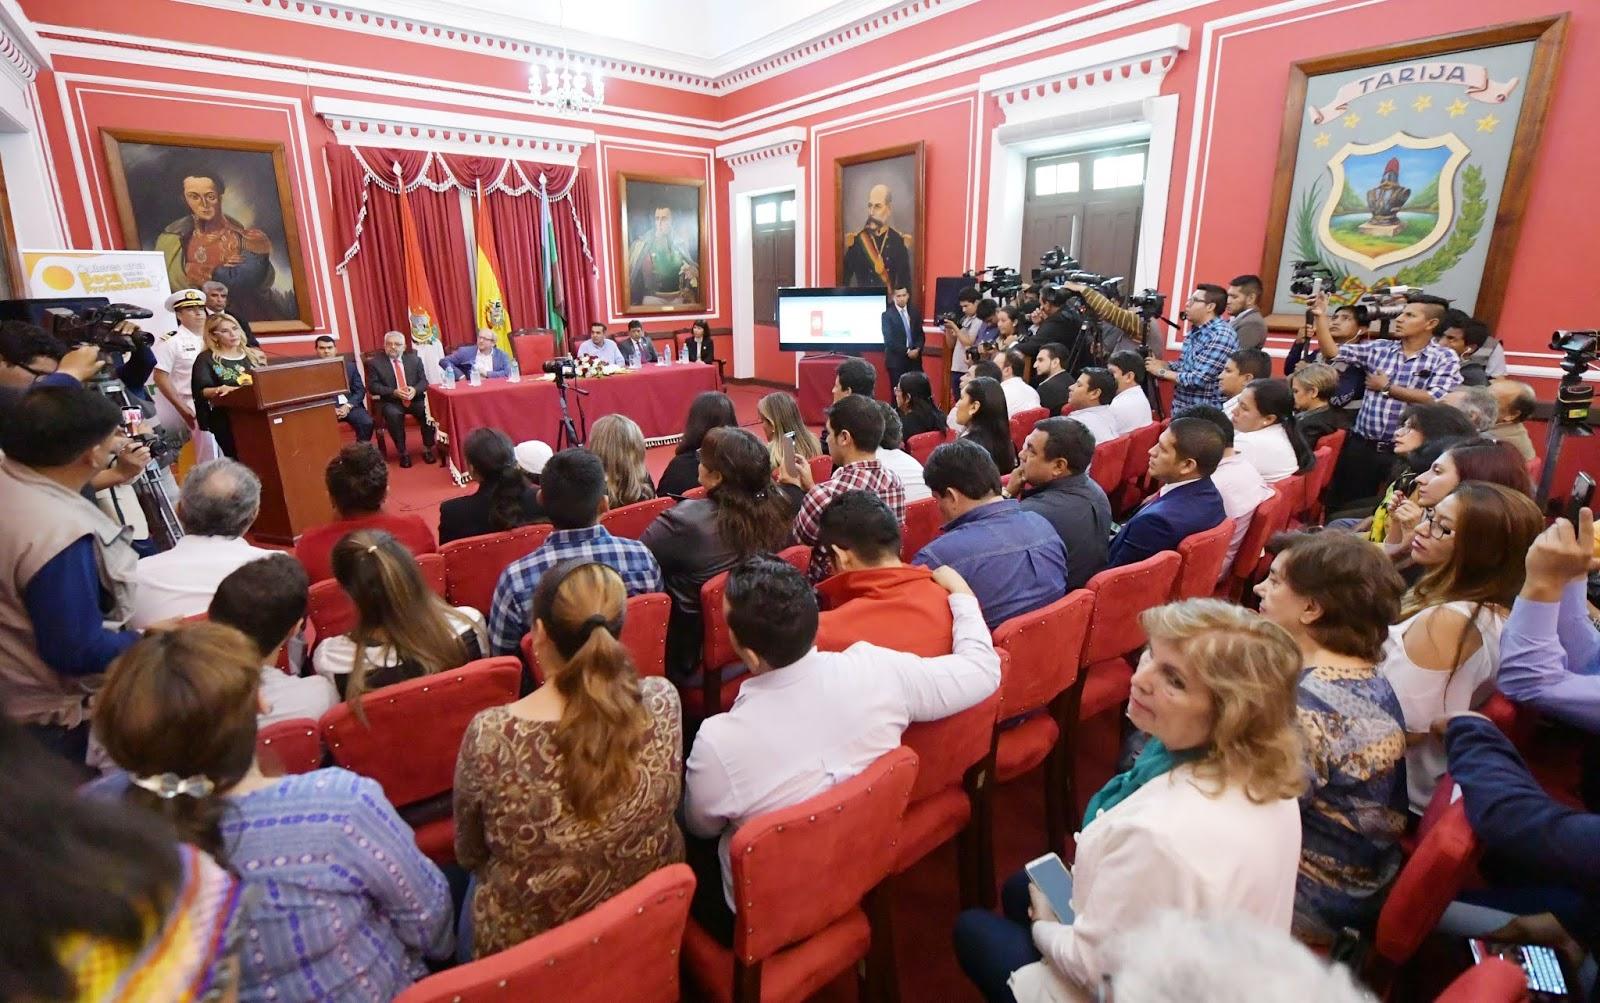 Añez hizo el anuncio sobre la salud en acto desarrollado en Tarija / ABI